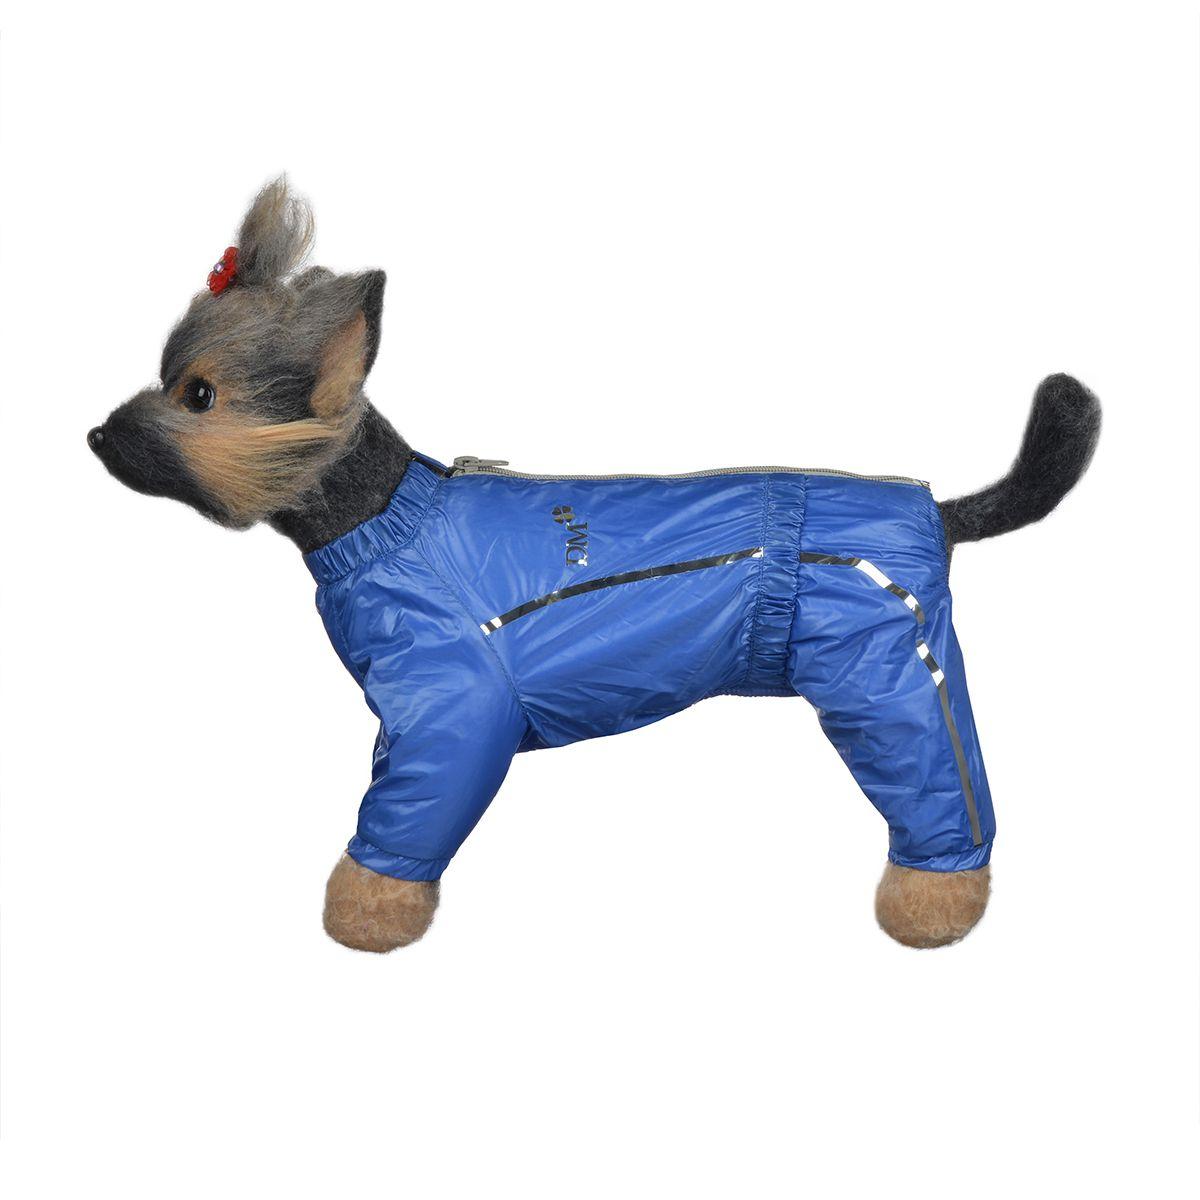 Комбинезон для собак Dogmoda Альпы, для мальчика, цвет: синий. Размер 1 (S)DM-150329-1Комбинезон для собак Dogmoda Альпы отлично подойдет для прогулок поздней осенью или ранней весной. Комбинезон изготовлен из полиэстера, защищающего от ветра и осадков, с подкладкой из флиса, которая сохранит тепло и обеспечит отличный воздухообмен. Комбинезон застегивается на молнию и липучку, благодаря чему его легко надевать и снимать. Ворот, низ рукавов и брючин оснащены внутренними резинками, которые мягко обхватывают шею и лапки, не позволяя просачиваться холодному воздуху. На пояснице имеется внутренняя резинка. Изделие декорировано серебристыми полосками и надписью DM. Благодаря такому комбинезону простуда не грозит вашему питомцу и он не даст любимцу продрогнуть на прогулке.